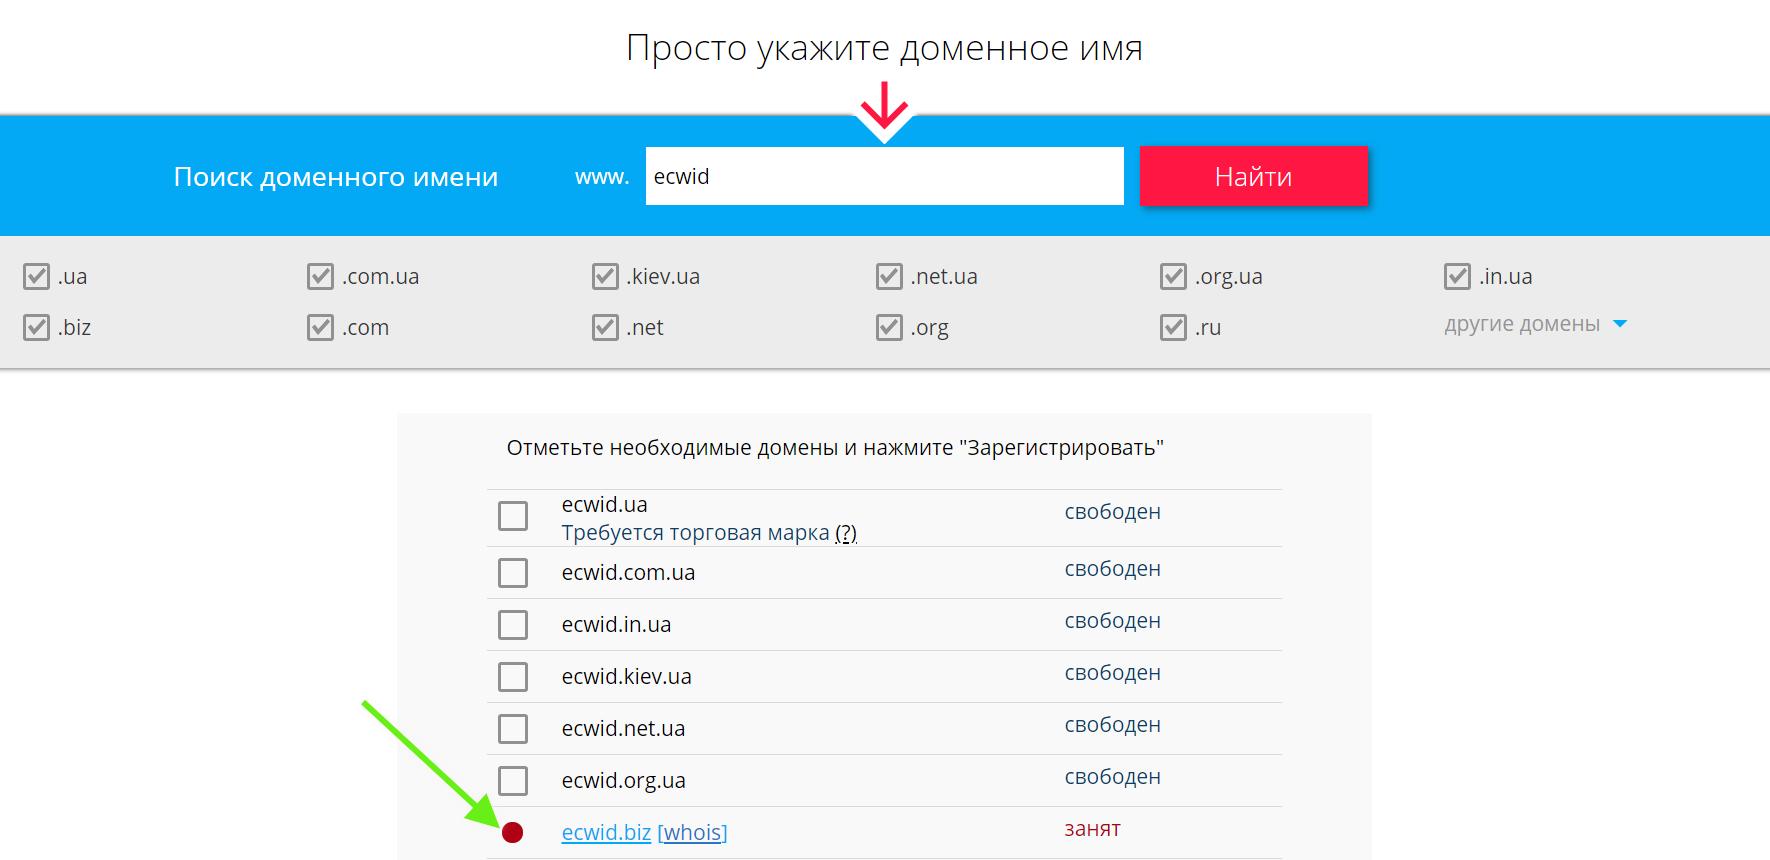 Пример проверки домена на IMENA.UA